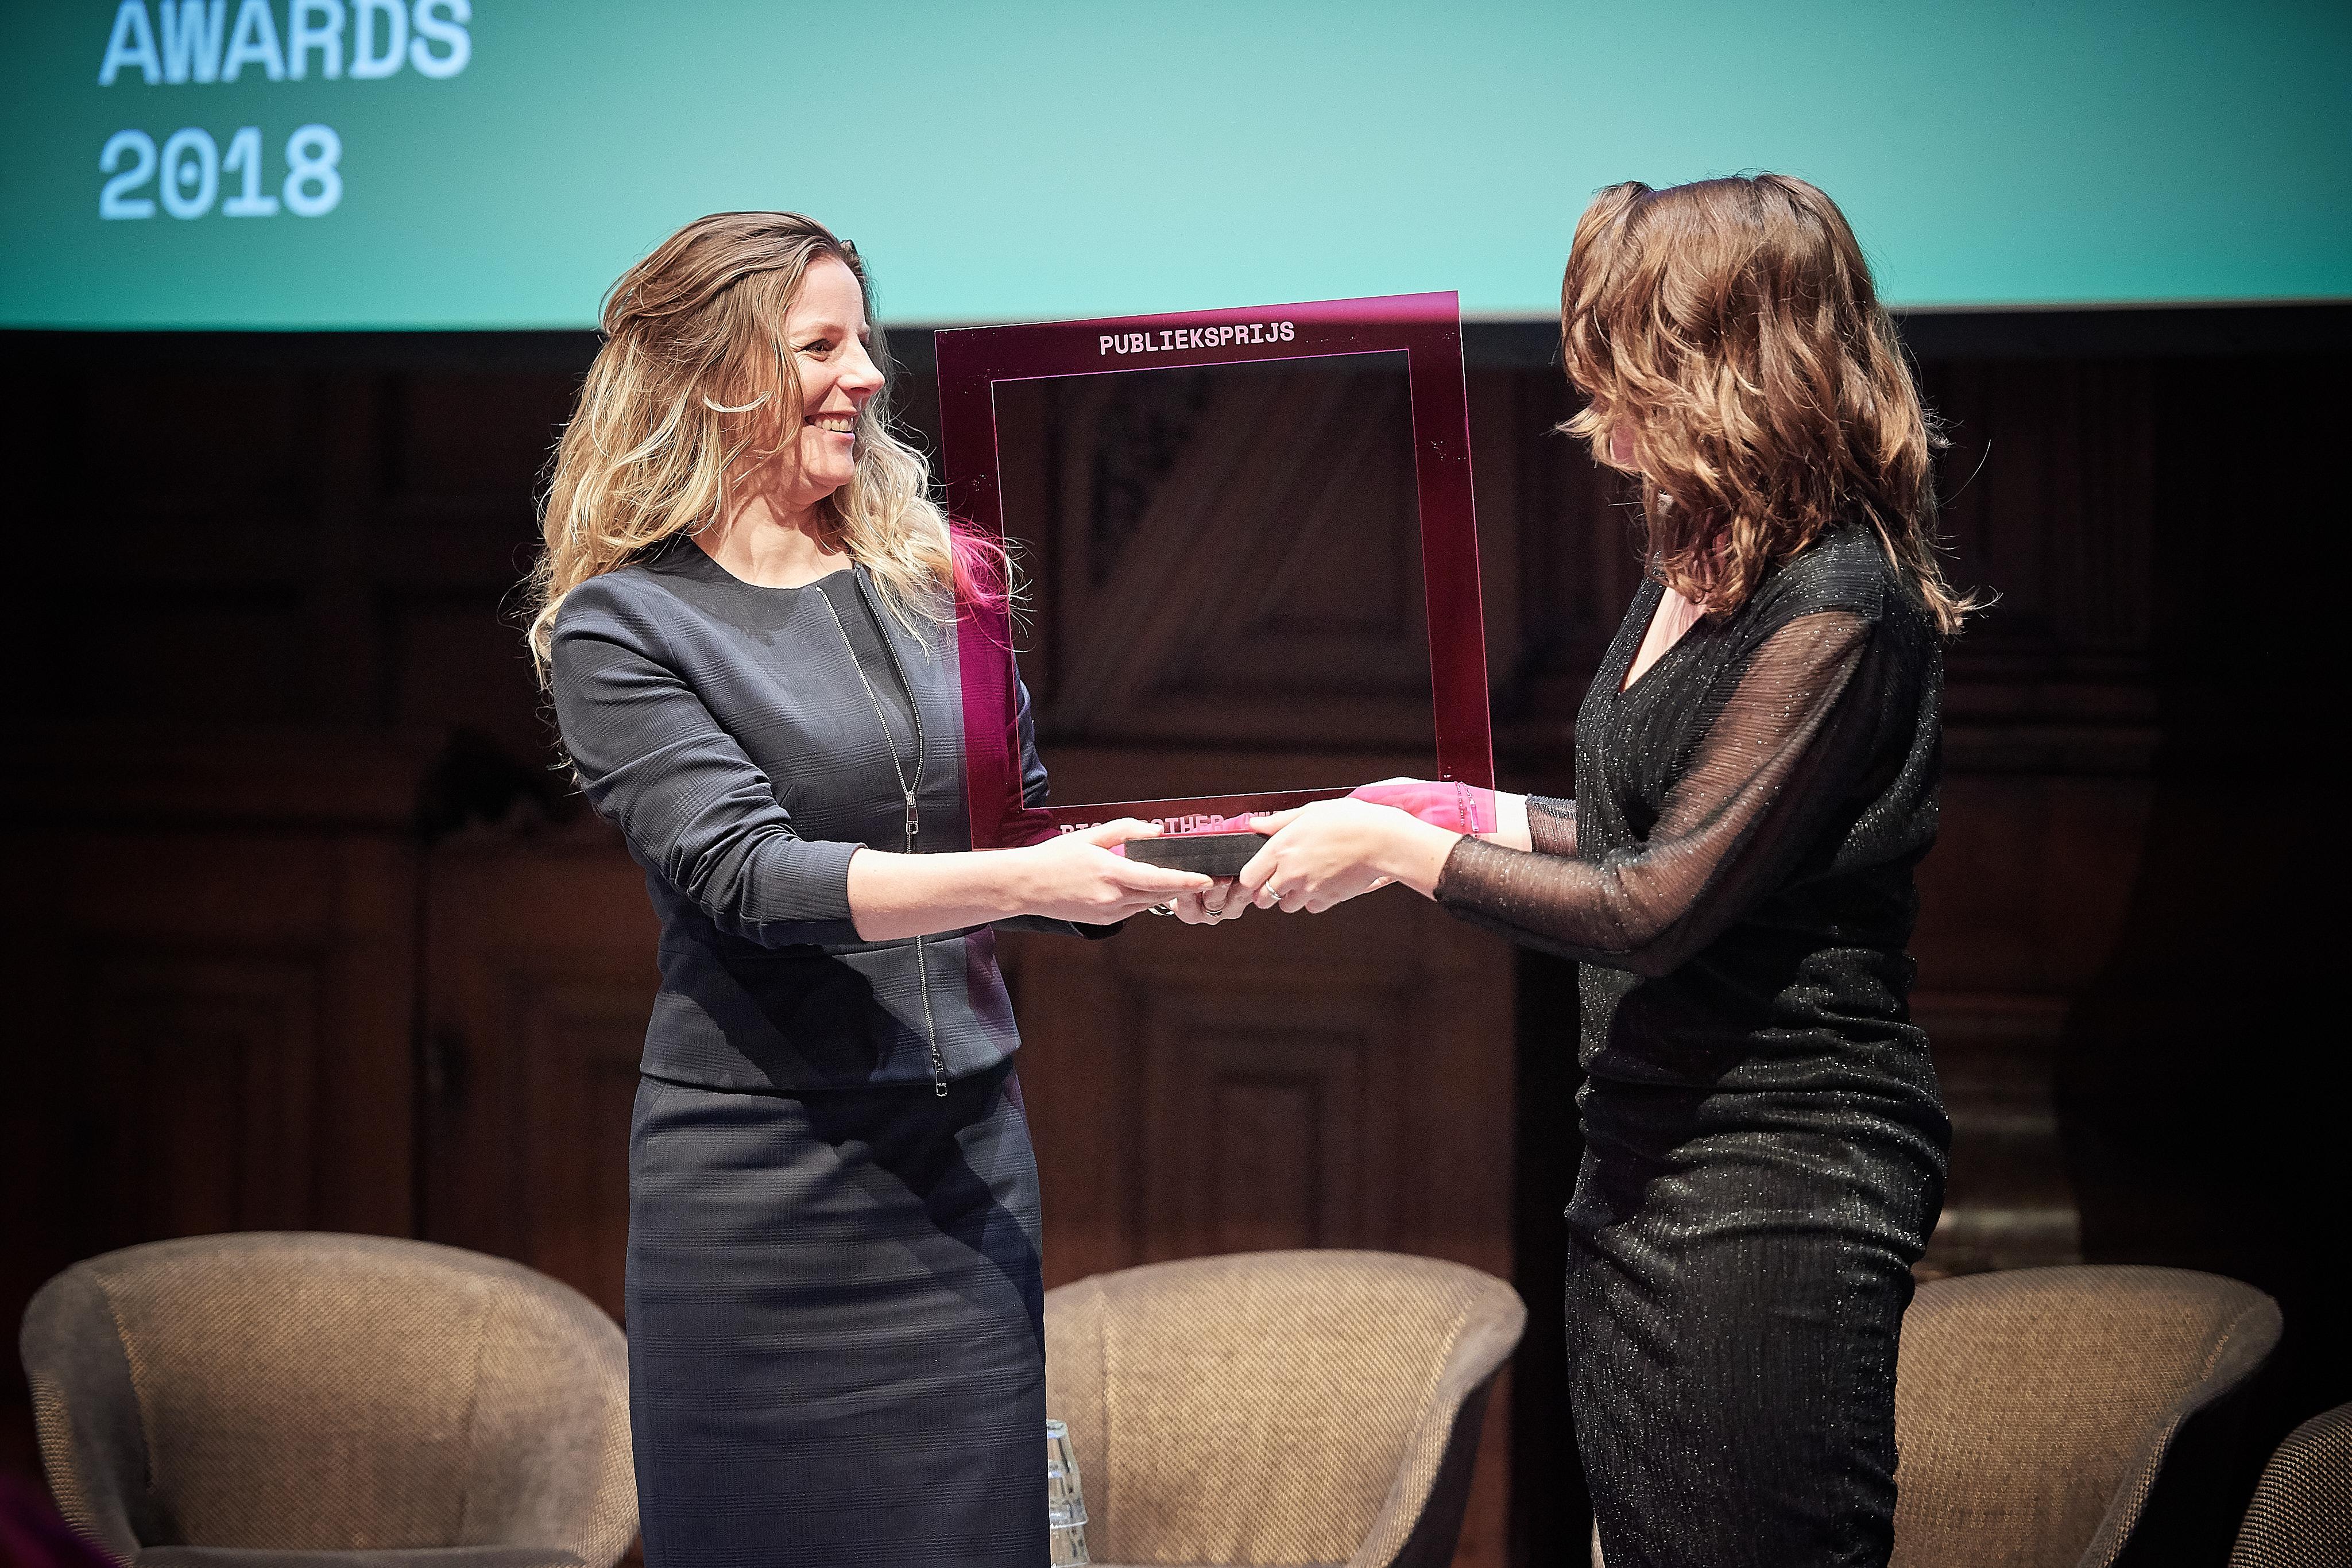 Liv van der Veen neemt namens de Kamer van Koophandel de Publieksprijs in handen. Foto: Jeroen Mooijman (CC BY-NC-ND 4.0)